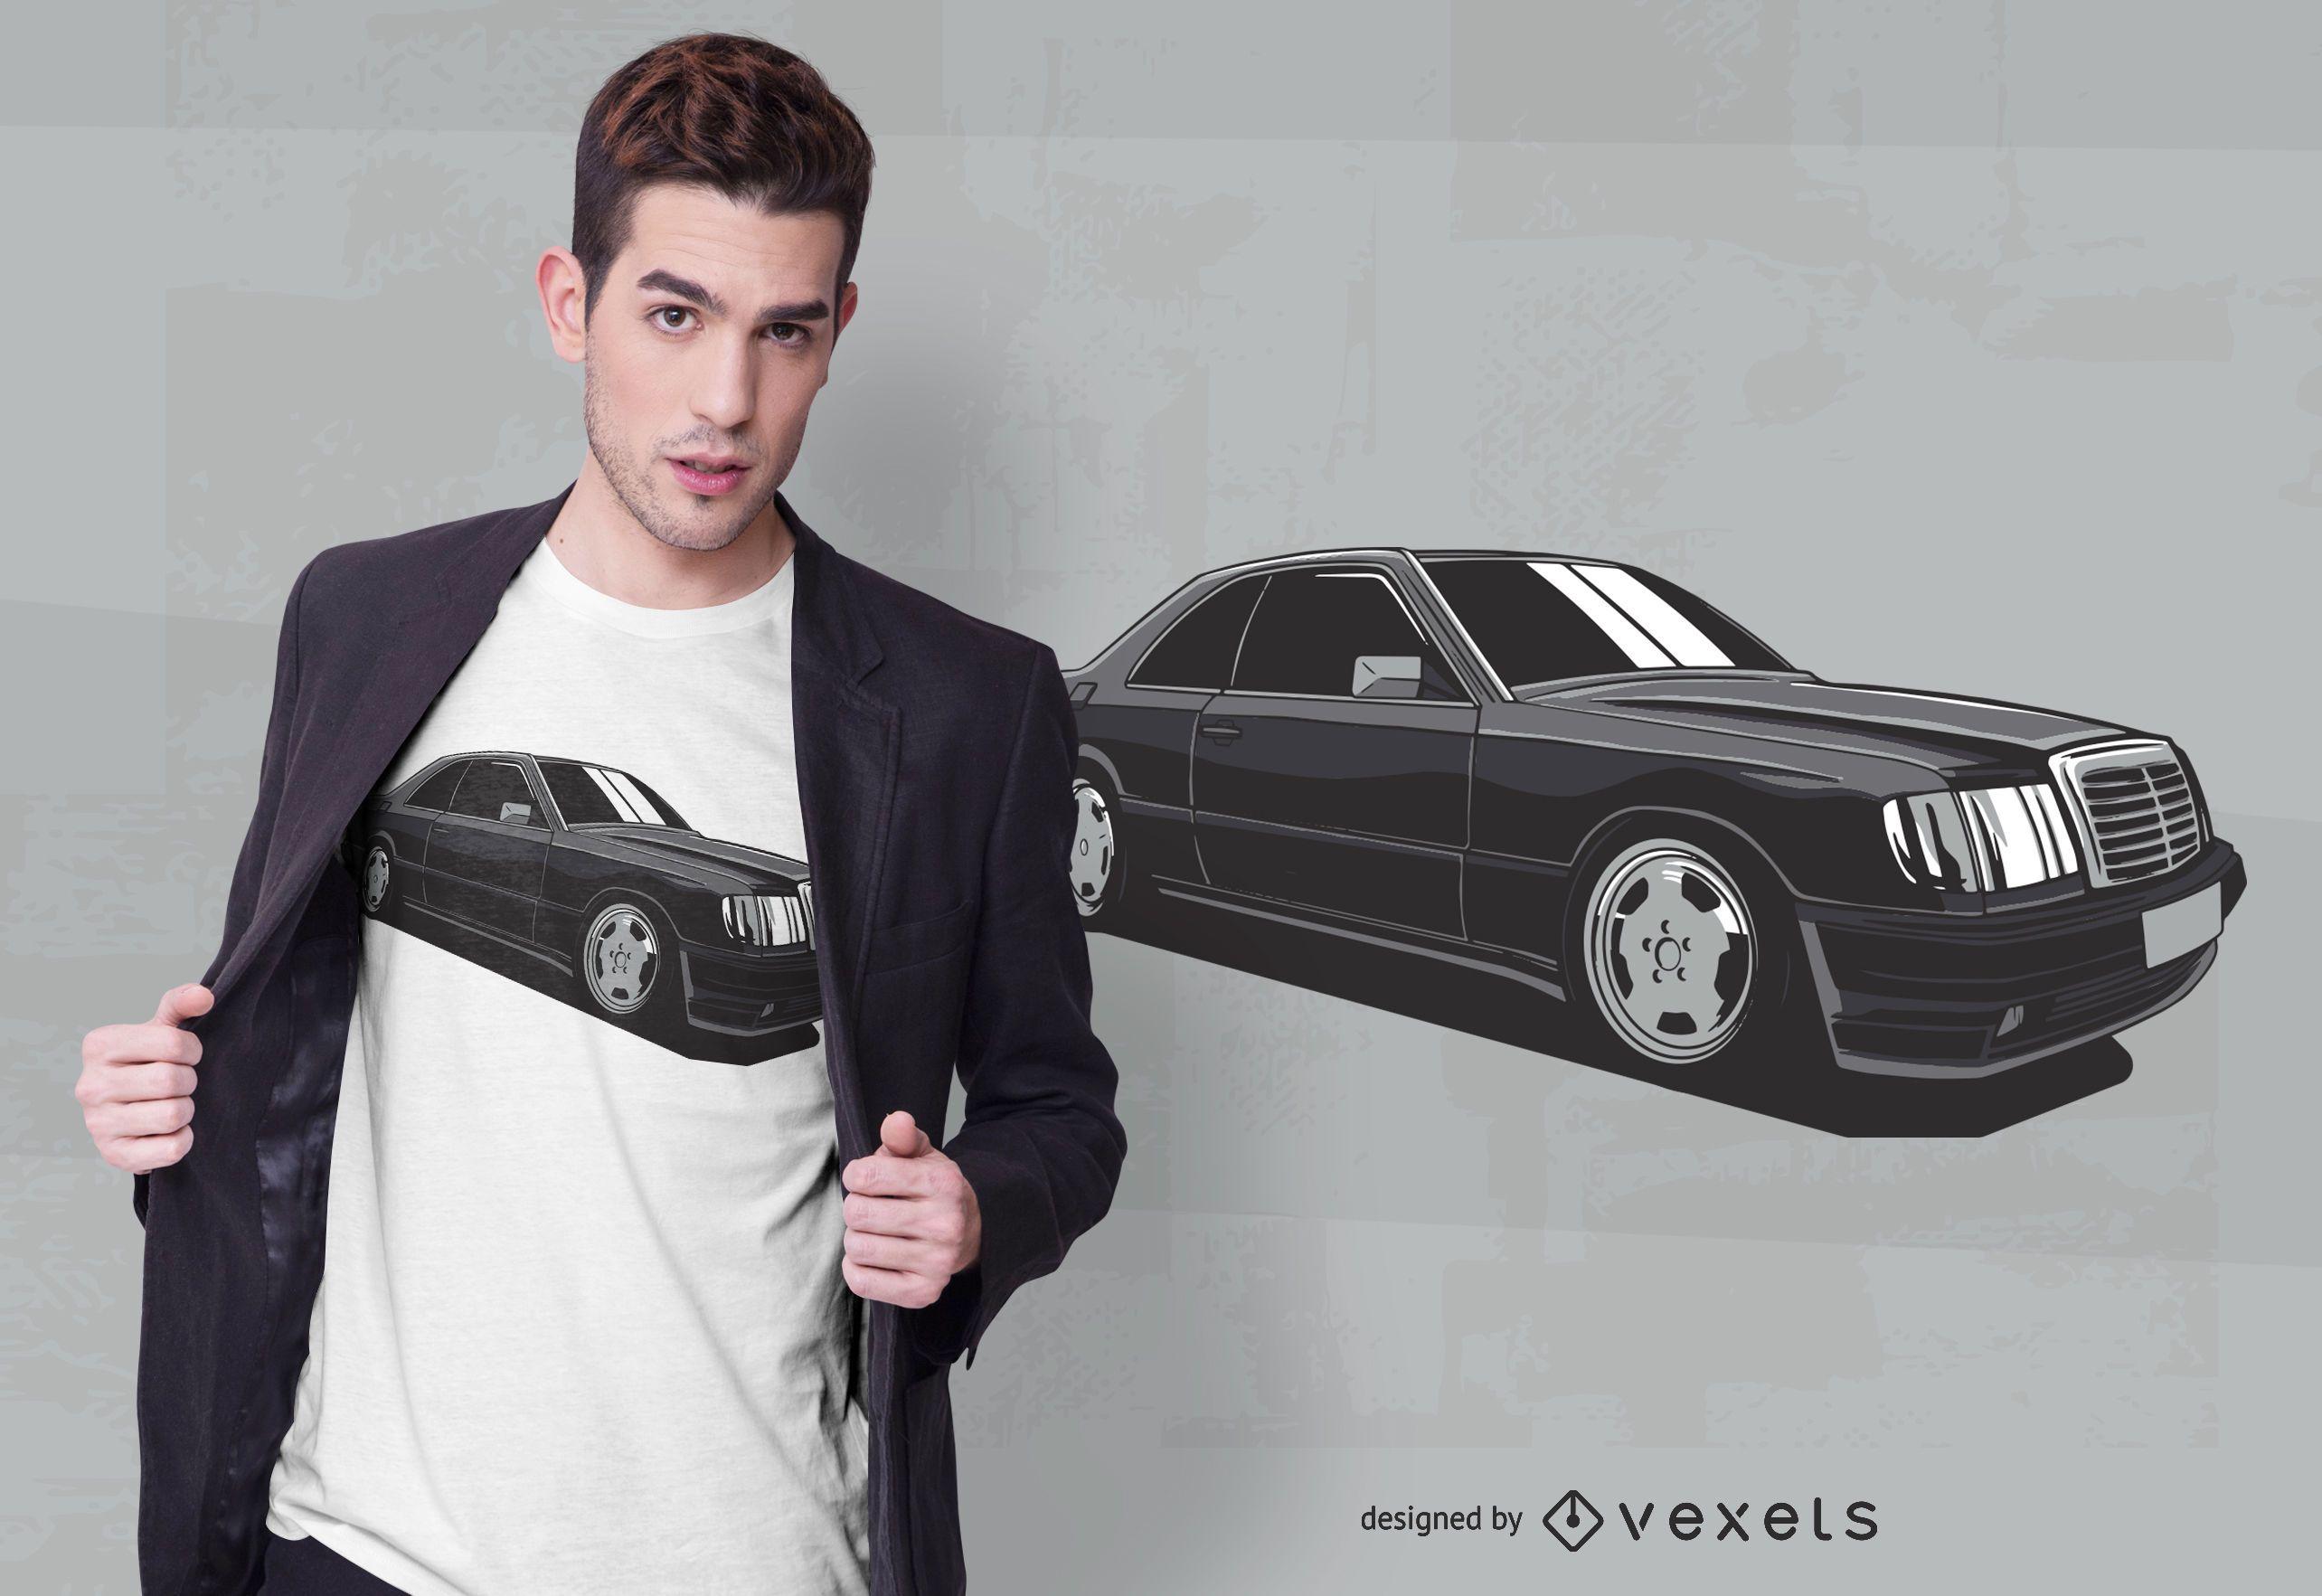 Luxurious Car T-shirt Design